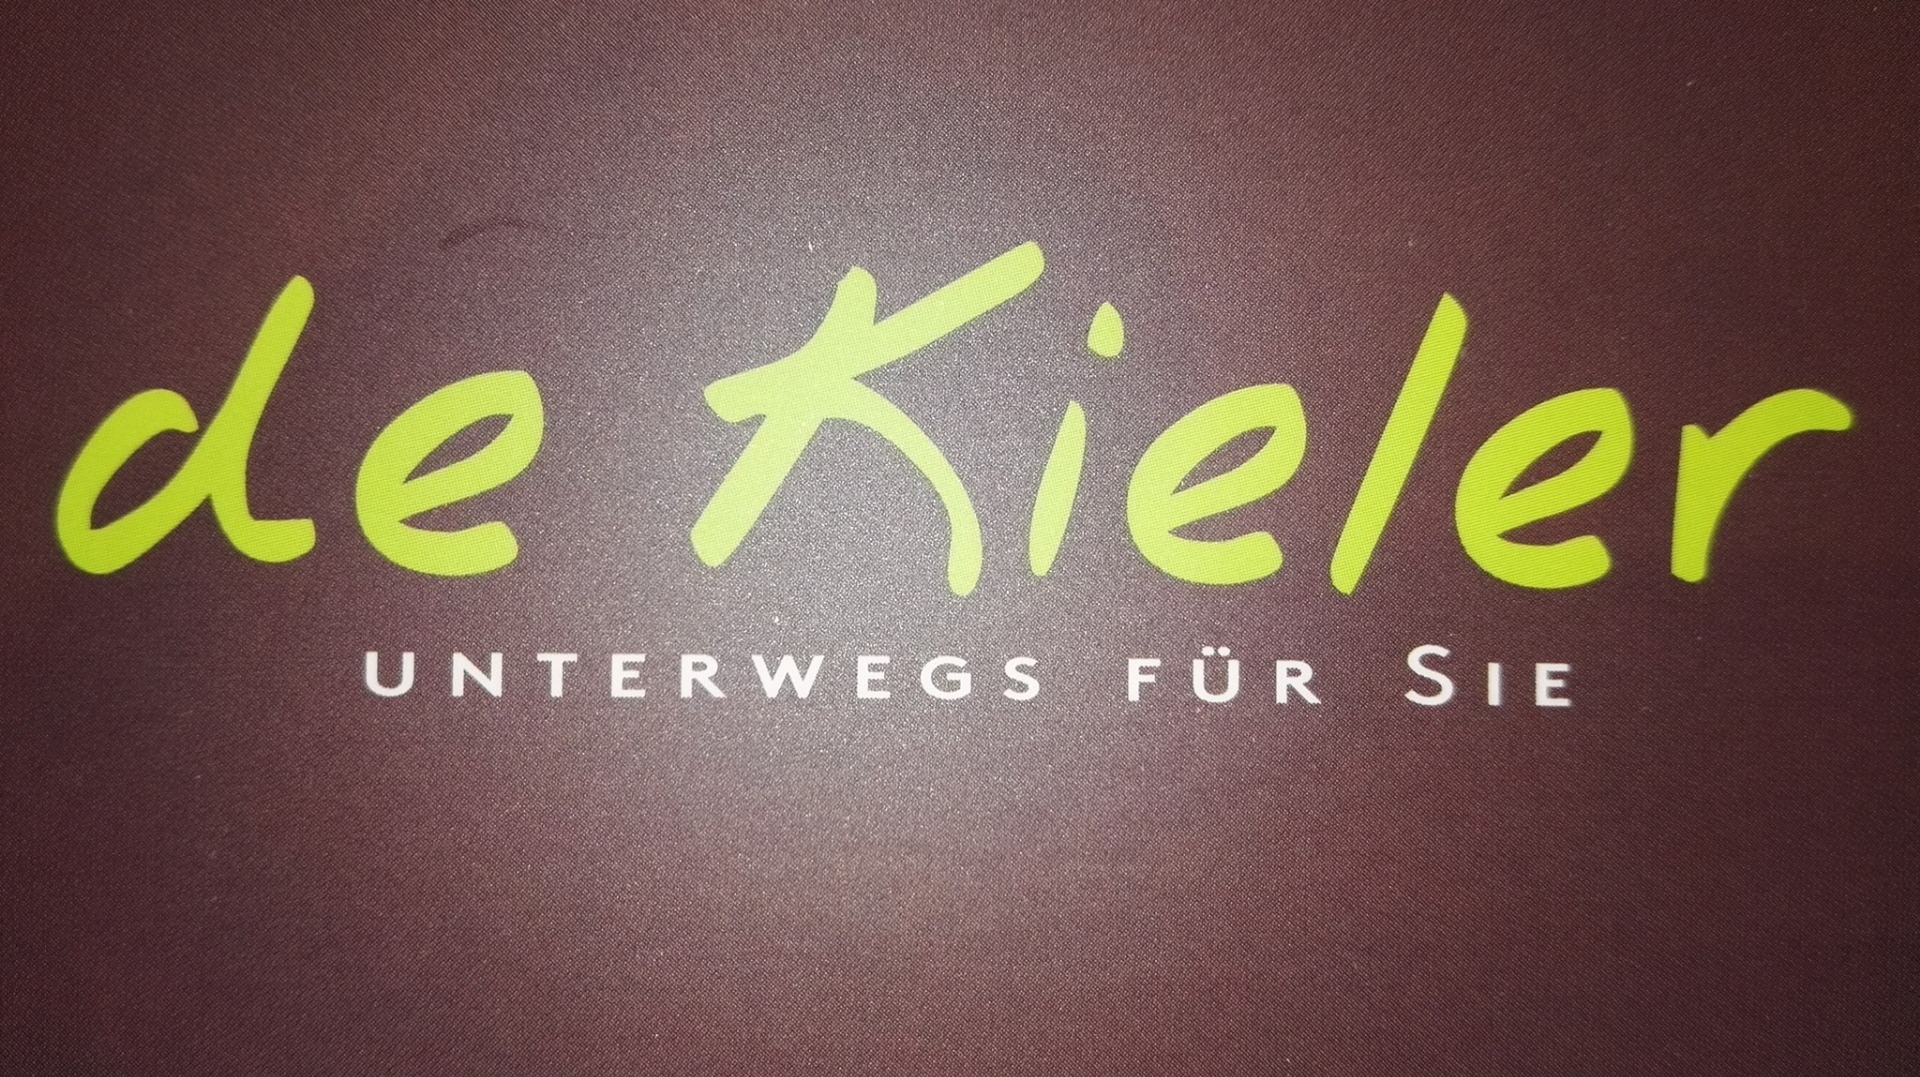 http://www.de-kieler.de/